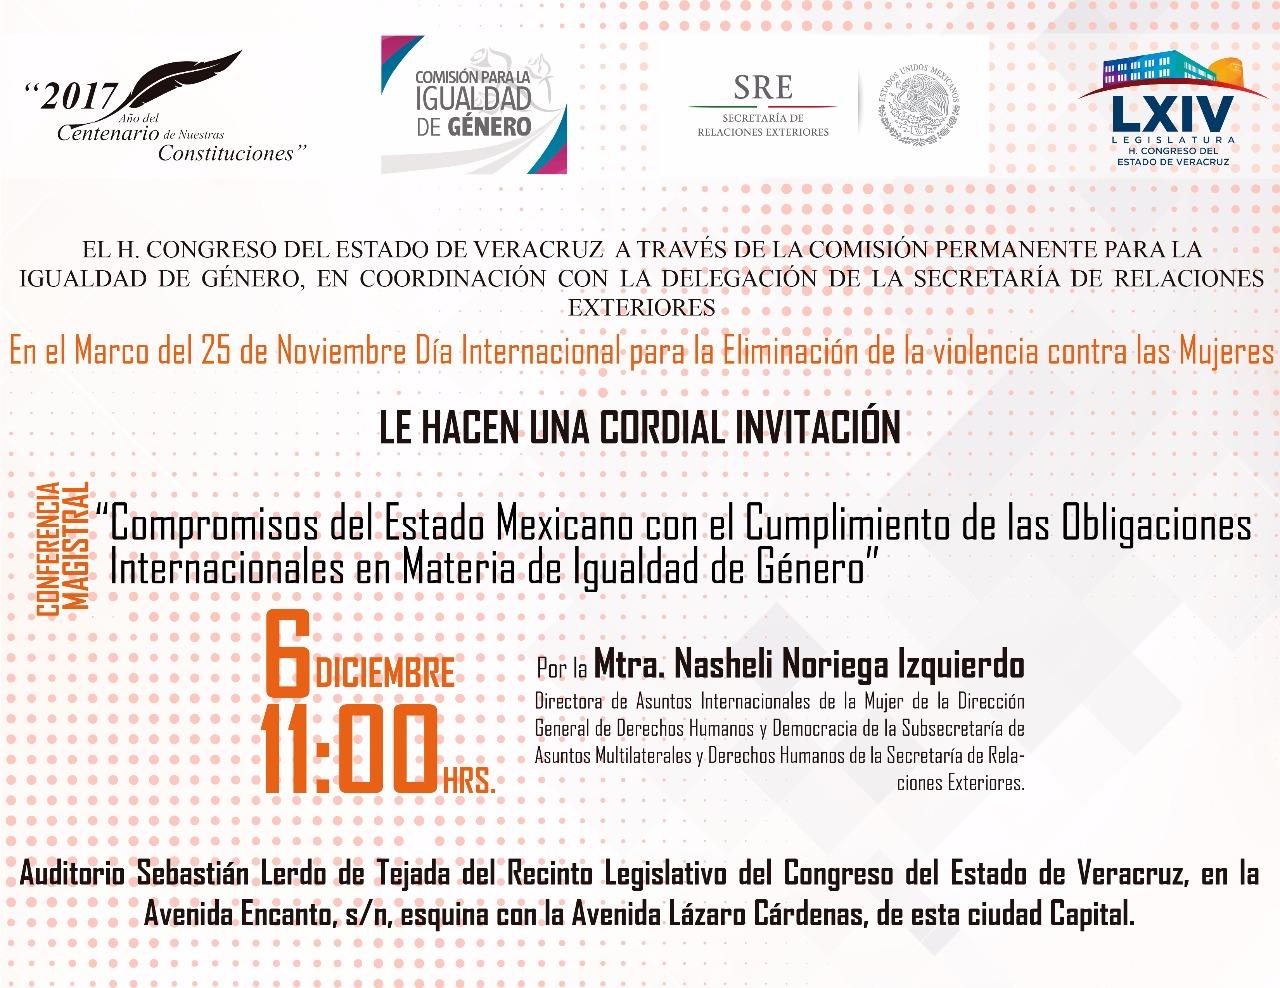 Teresita Zuccolotto invita a conferencia magistral en materia de igualdad de género